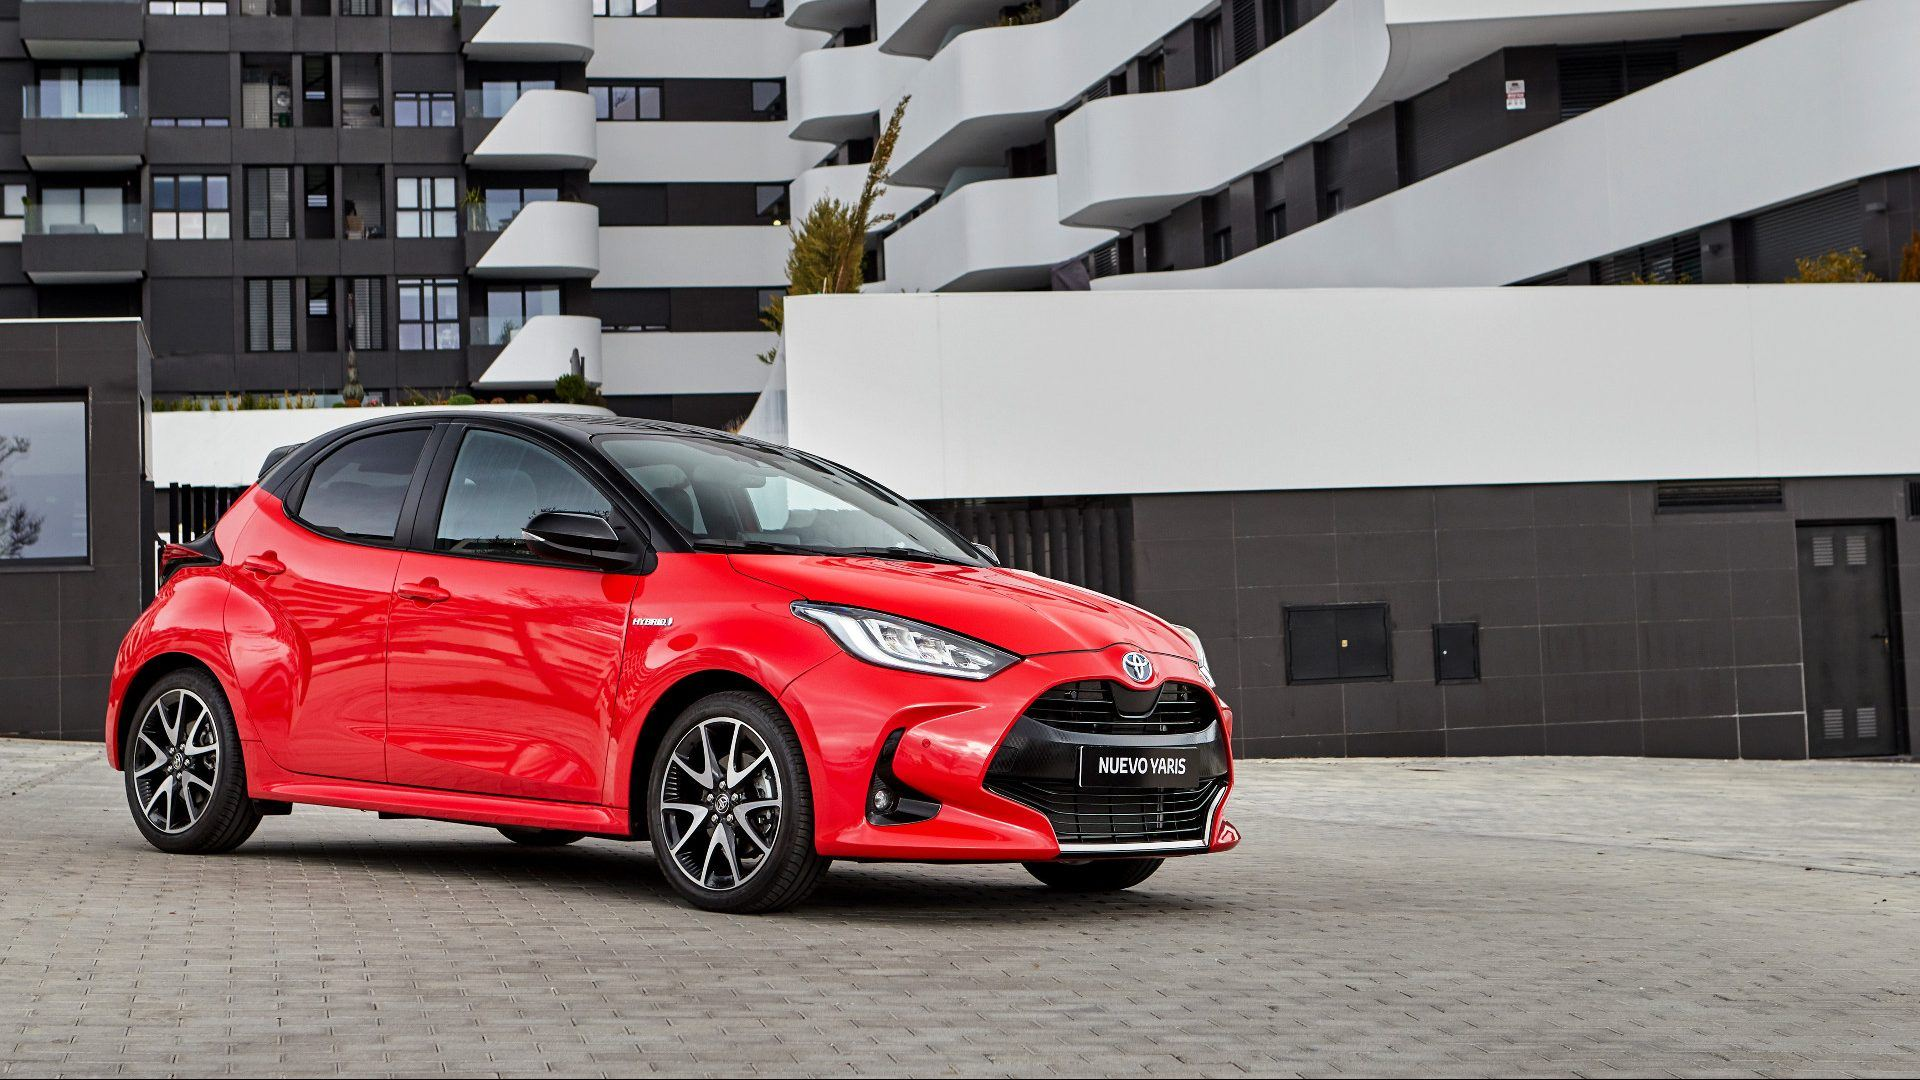 Se abren las reservas para el Toyota Yaris Electric Hybrid Style Premiere Edition